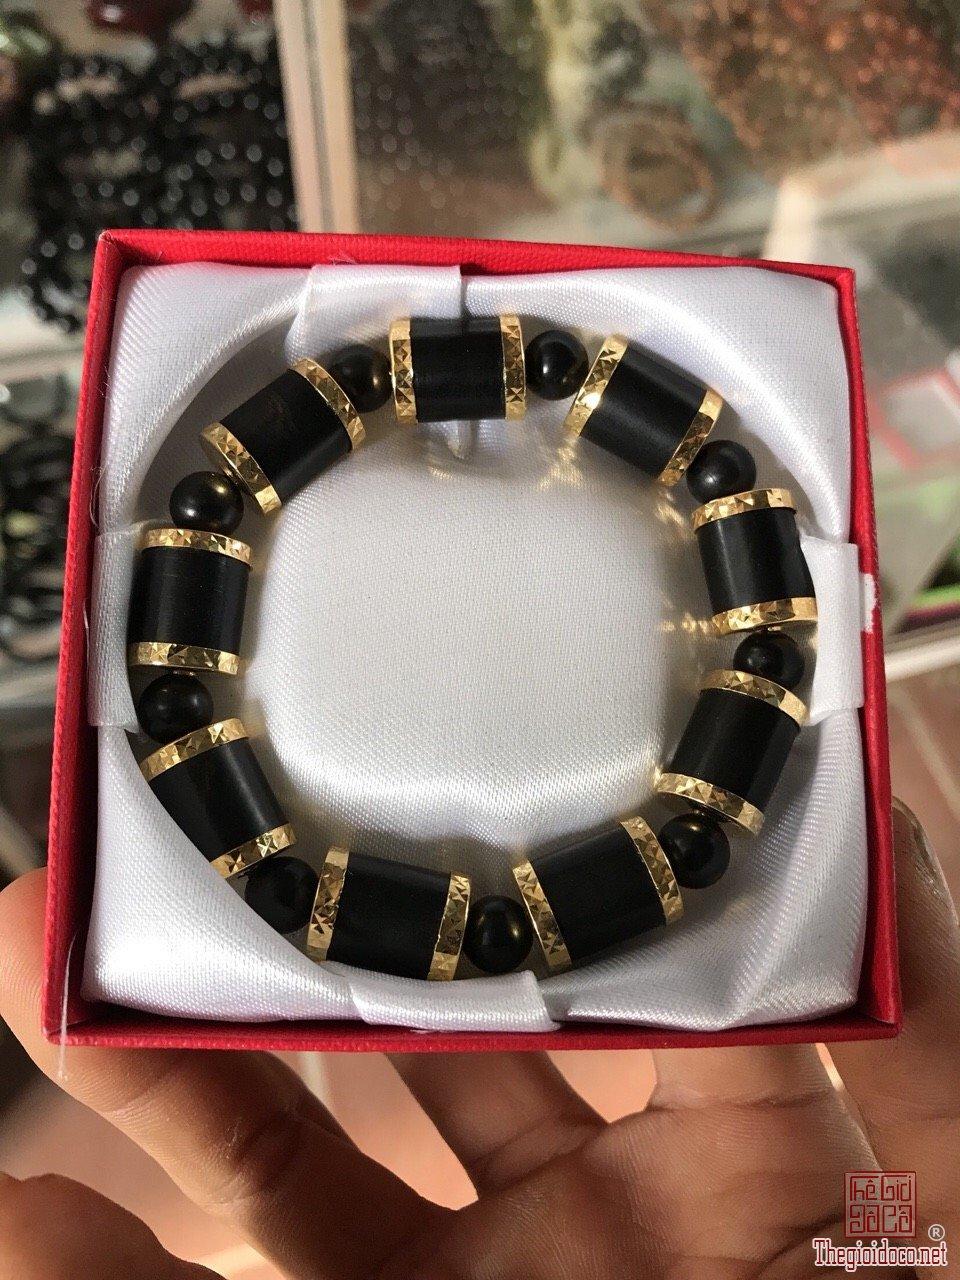 Ms 9909.Vòng đốt trúc bọc vàng 24k gỗ mun sừng,giá sỉ.Lh/zalo:0968 551 668